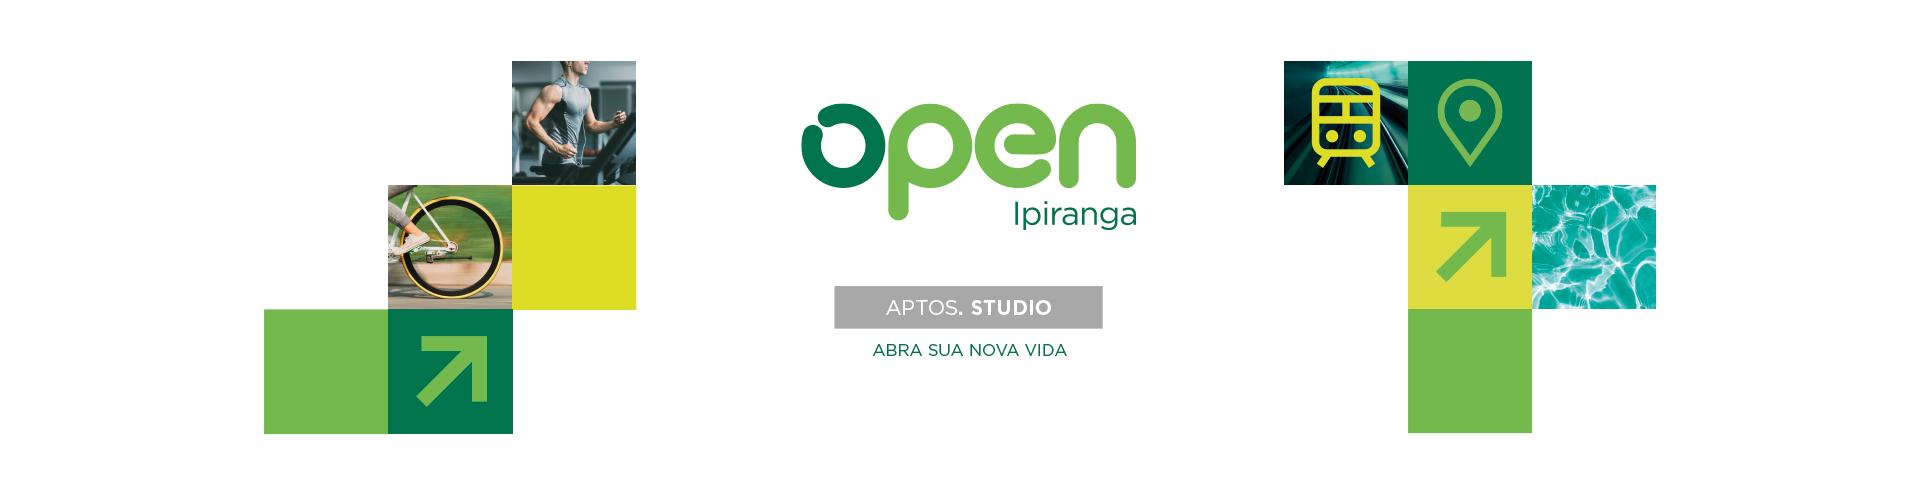 Open Ipiranga